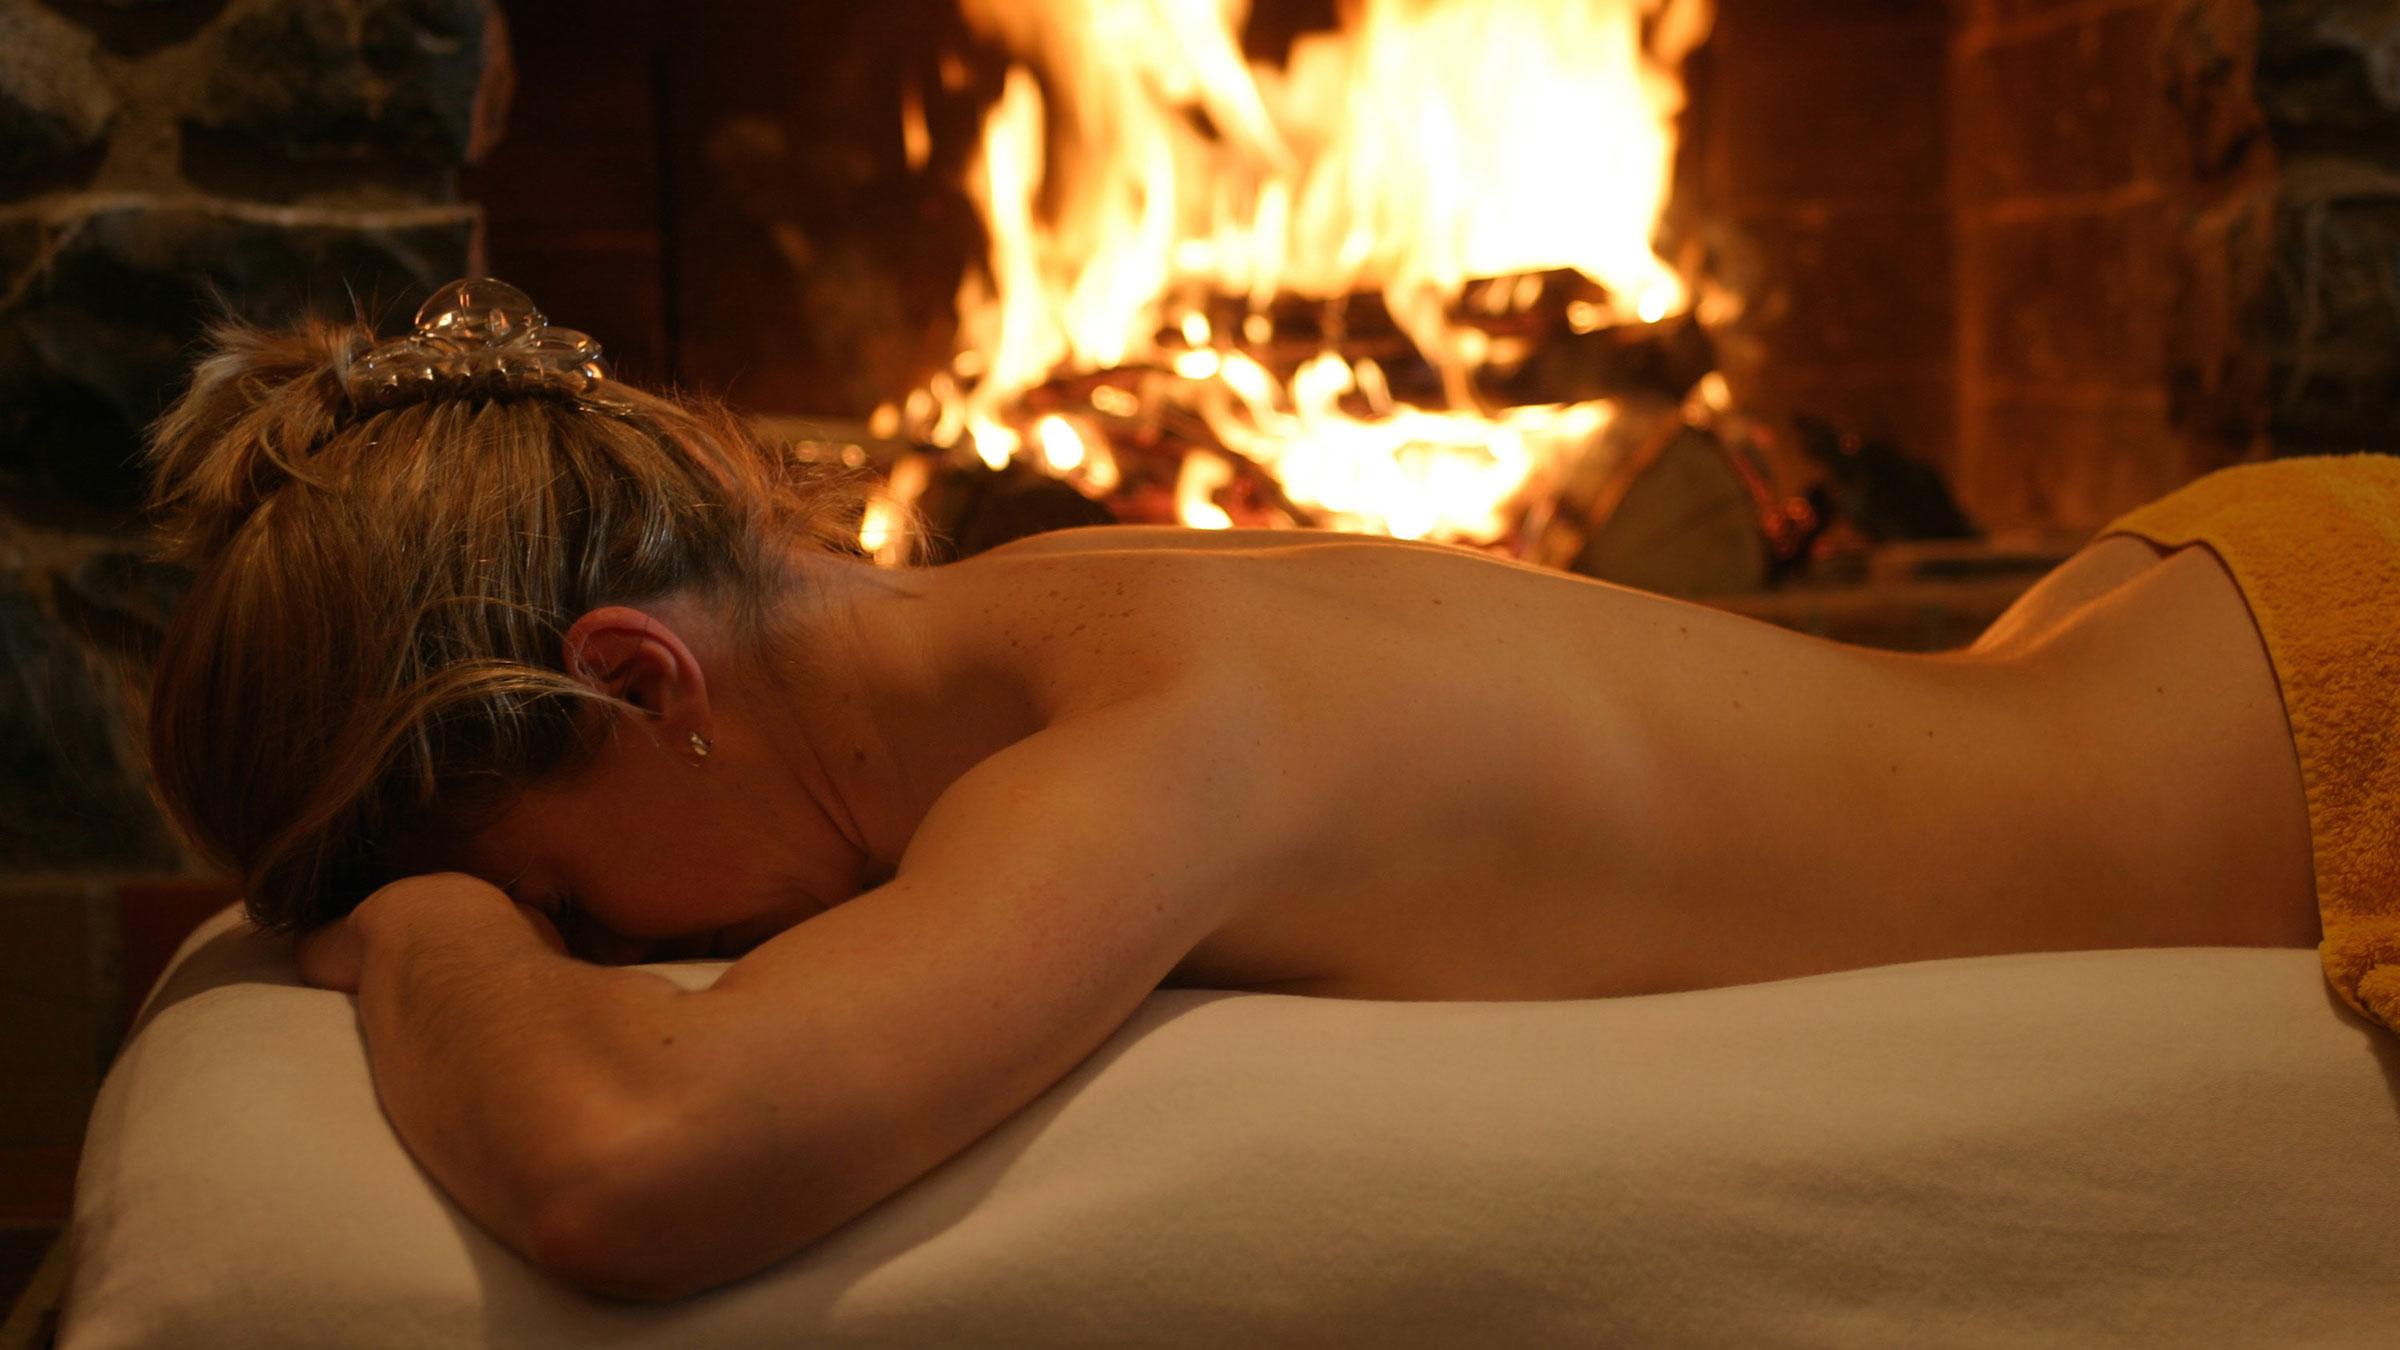 Massage & Beauty Treatments